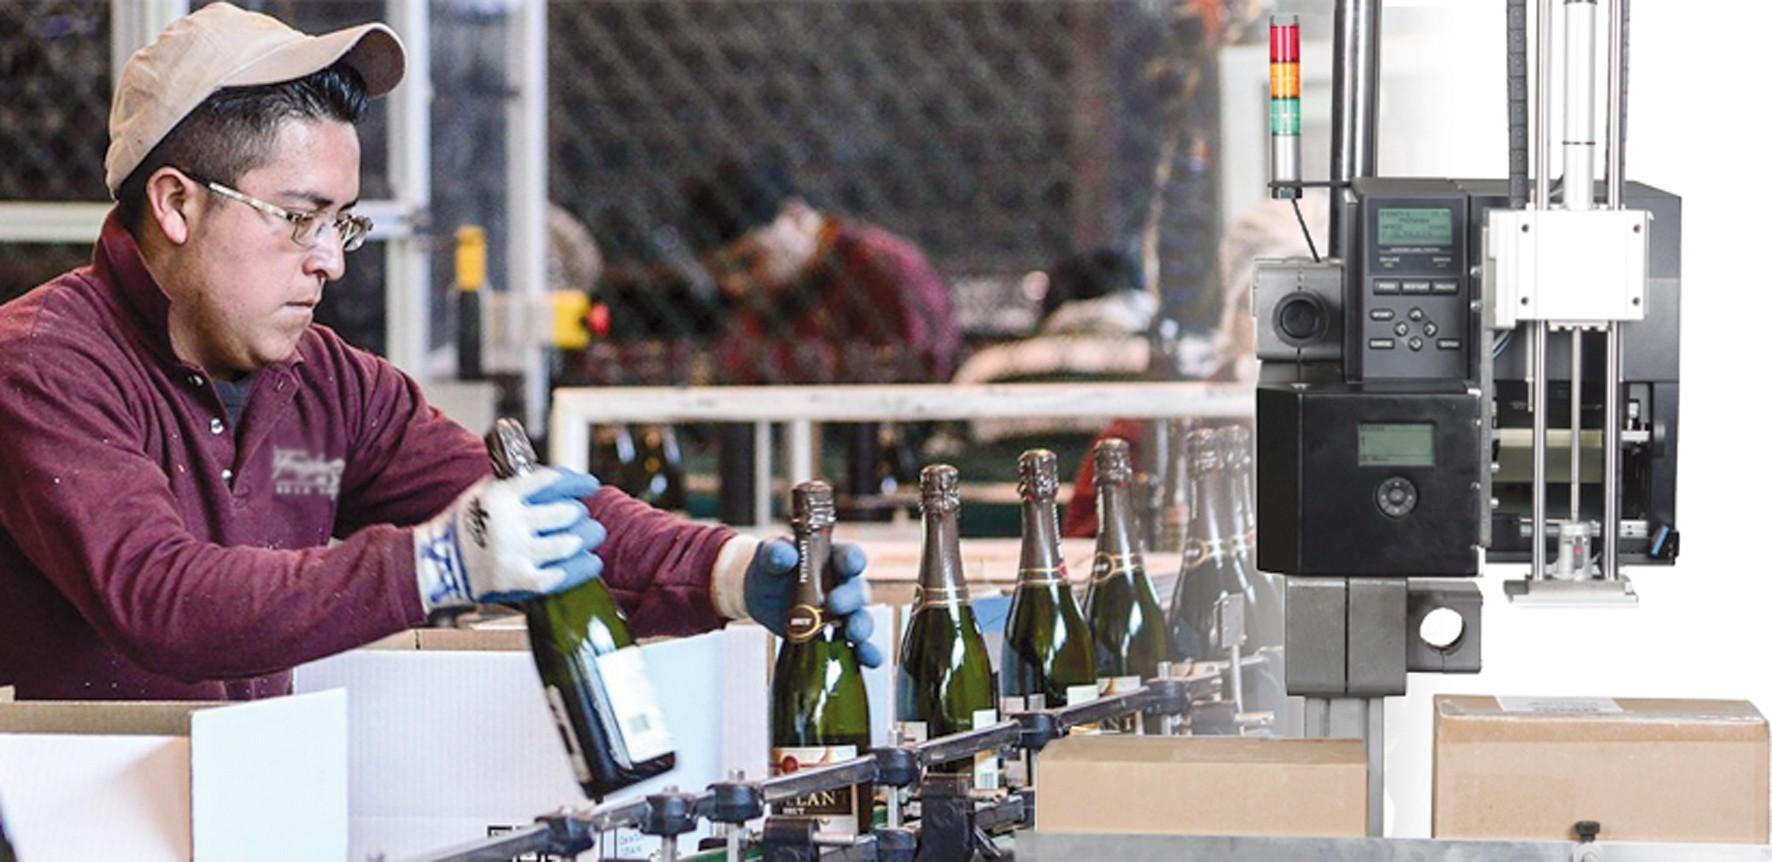 Solução abrangente de rotulagem para o setor vitivinícola - Toshiba